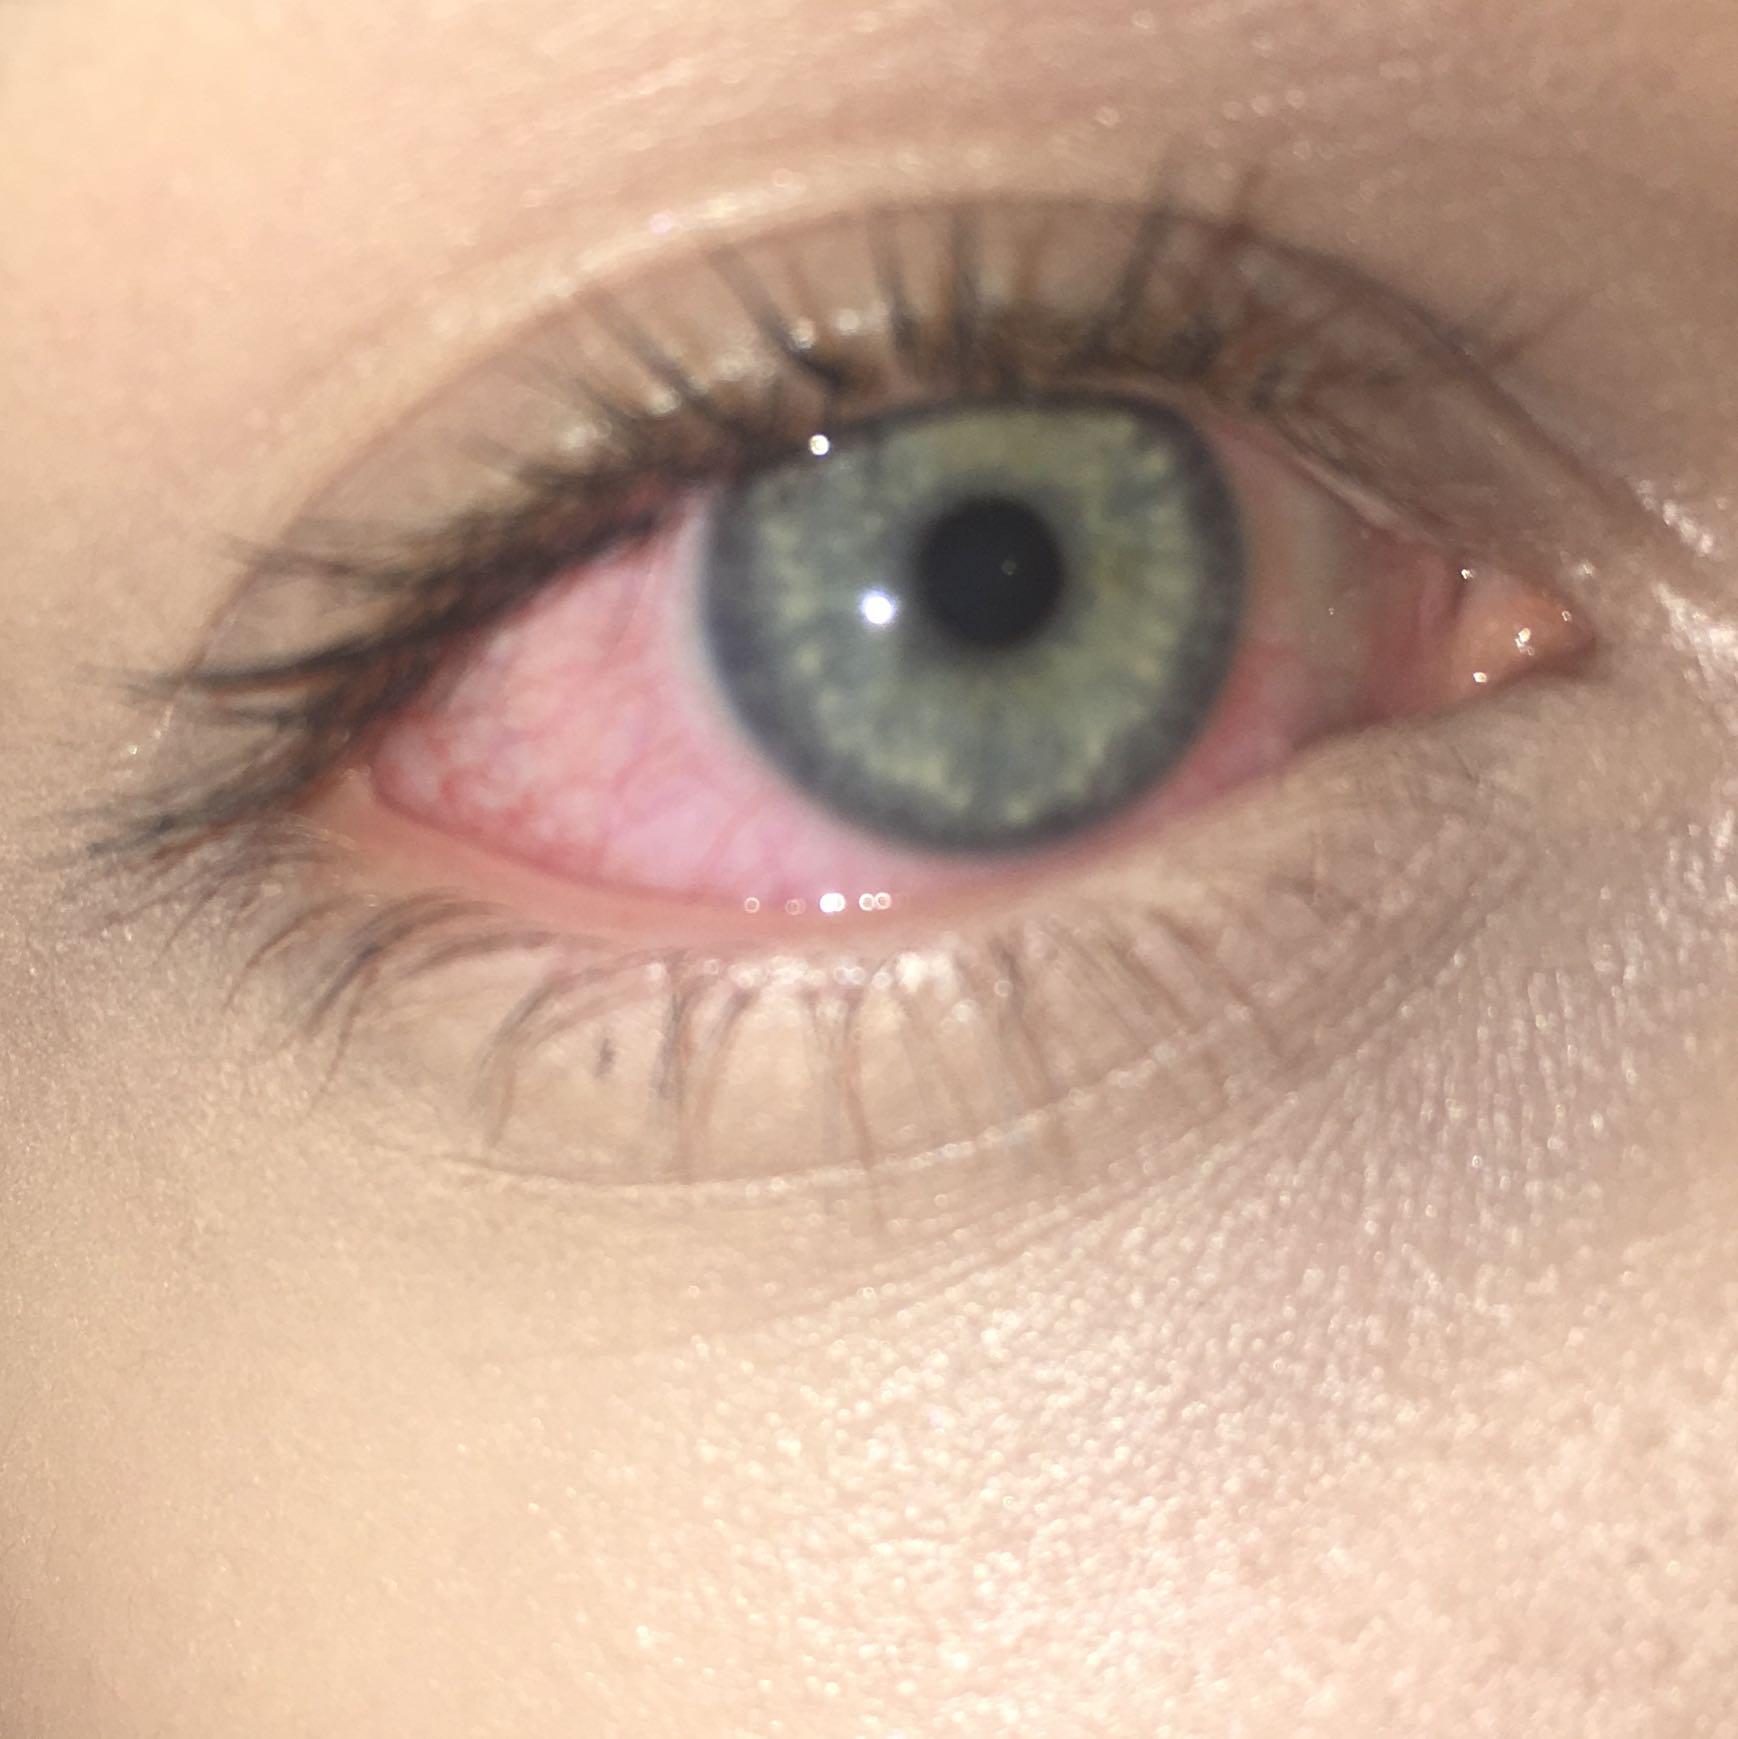 Ein sehr rotes Auge nach kiffen? (Gesundheit und Medizin